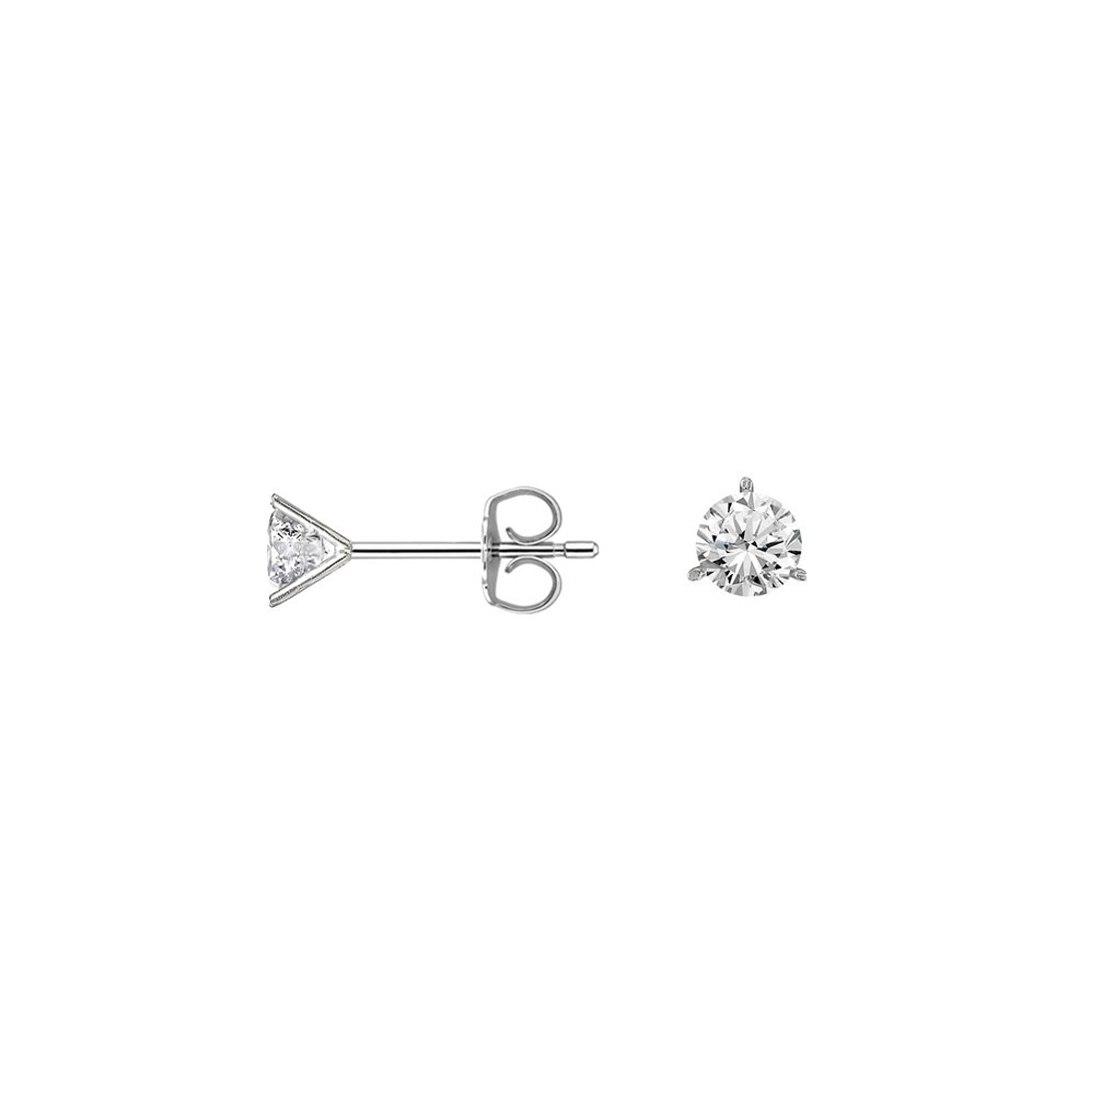 עגילי יהלומים שלוש שיניים צמודים לאוזן  0.40 קראט